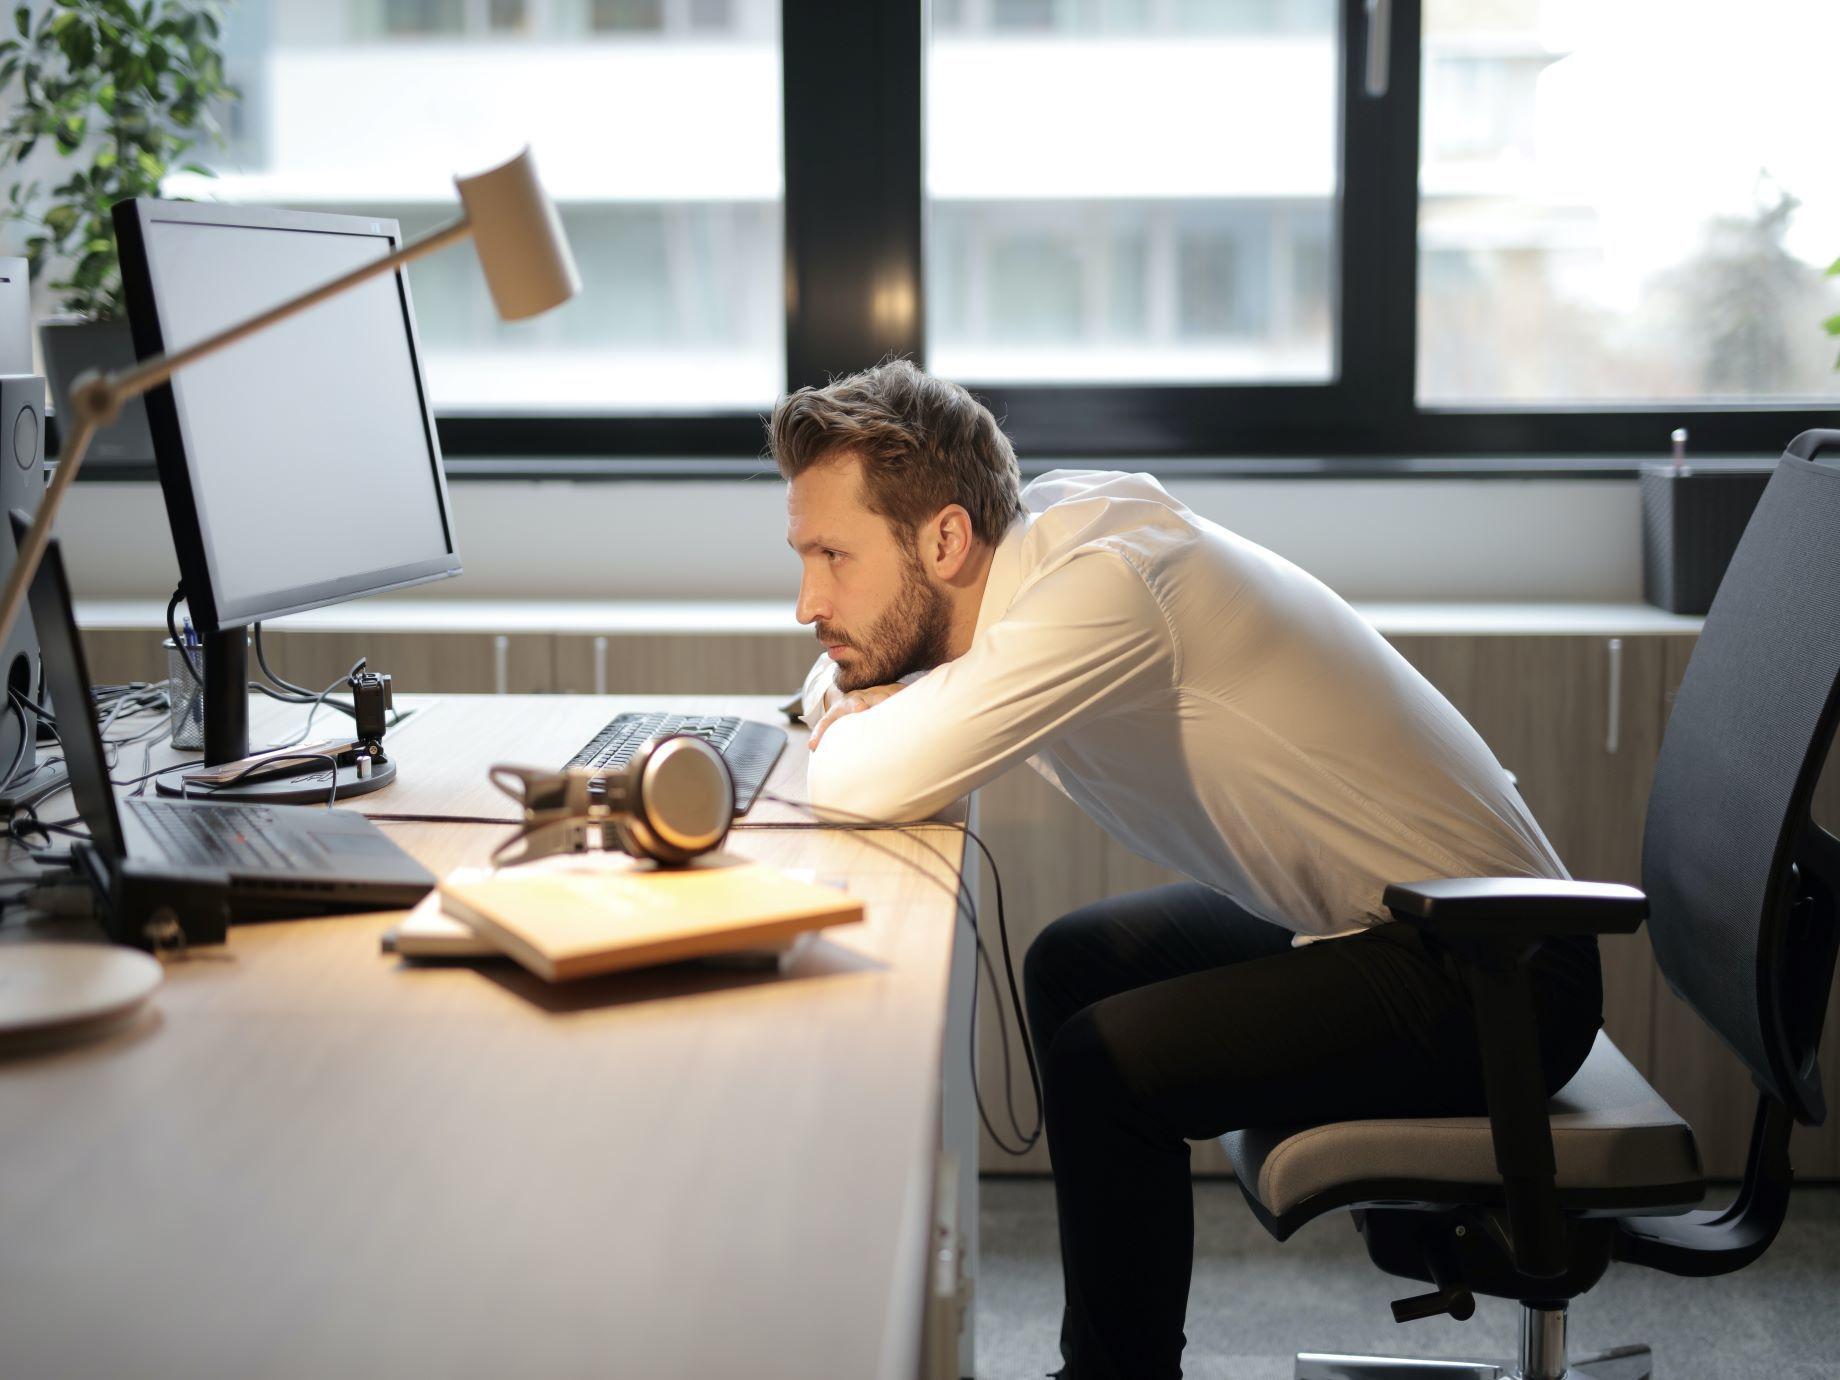 為什麼工作能力好的人也會拖延?搞清楚4種拖延症類型,找出治本解方!